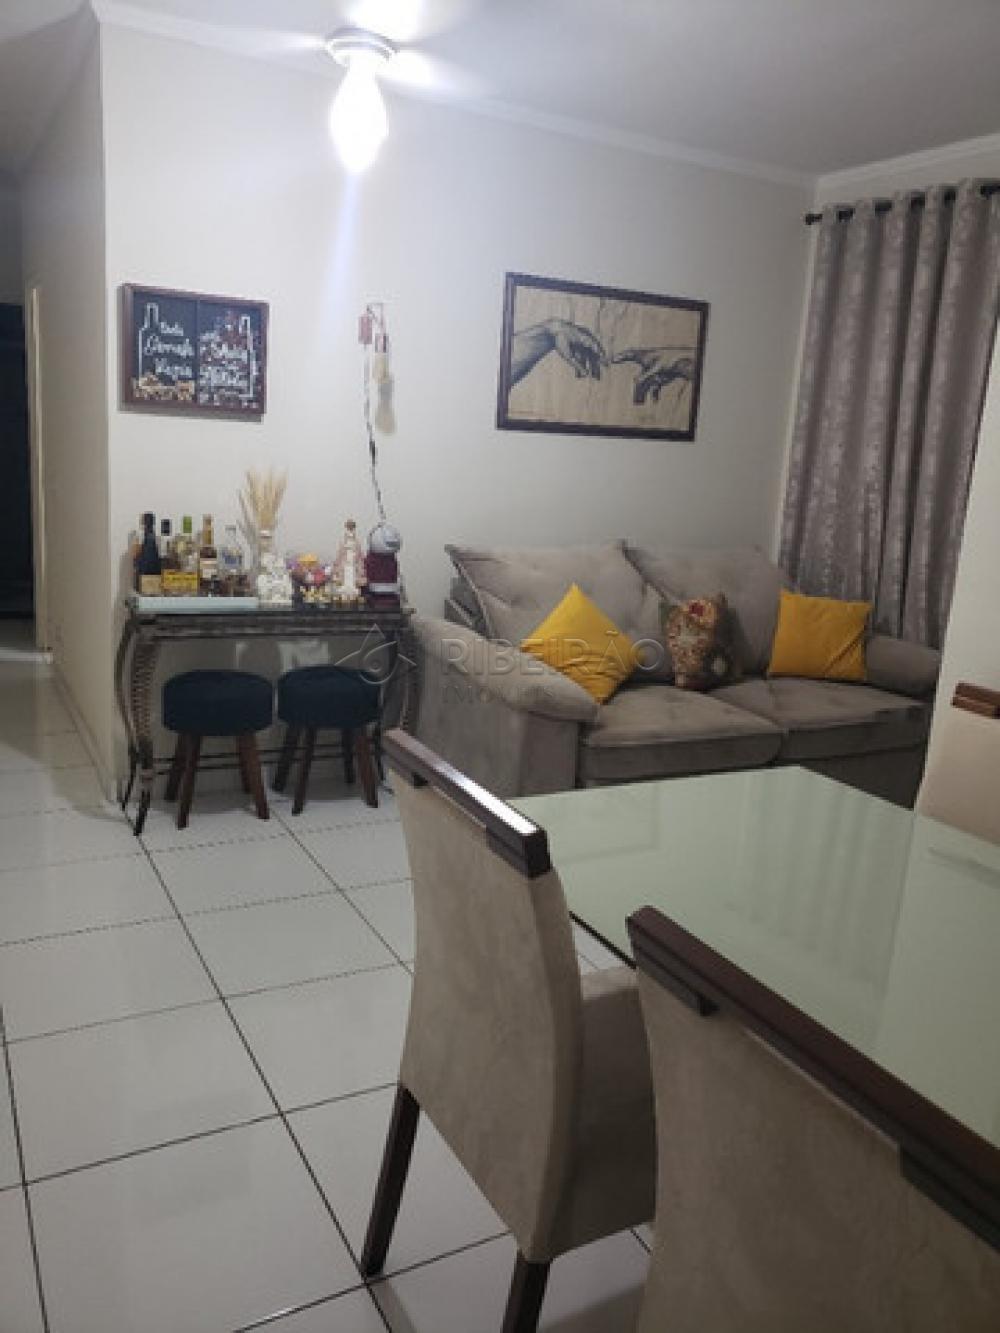 Comprar Apartamento / Padrão em Ribeirão Preto apenas R$ 141.000,00 - Foto 2